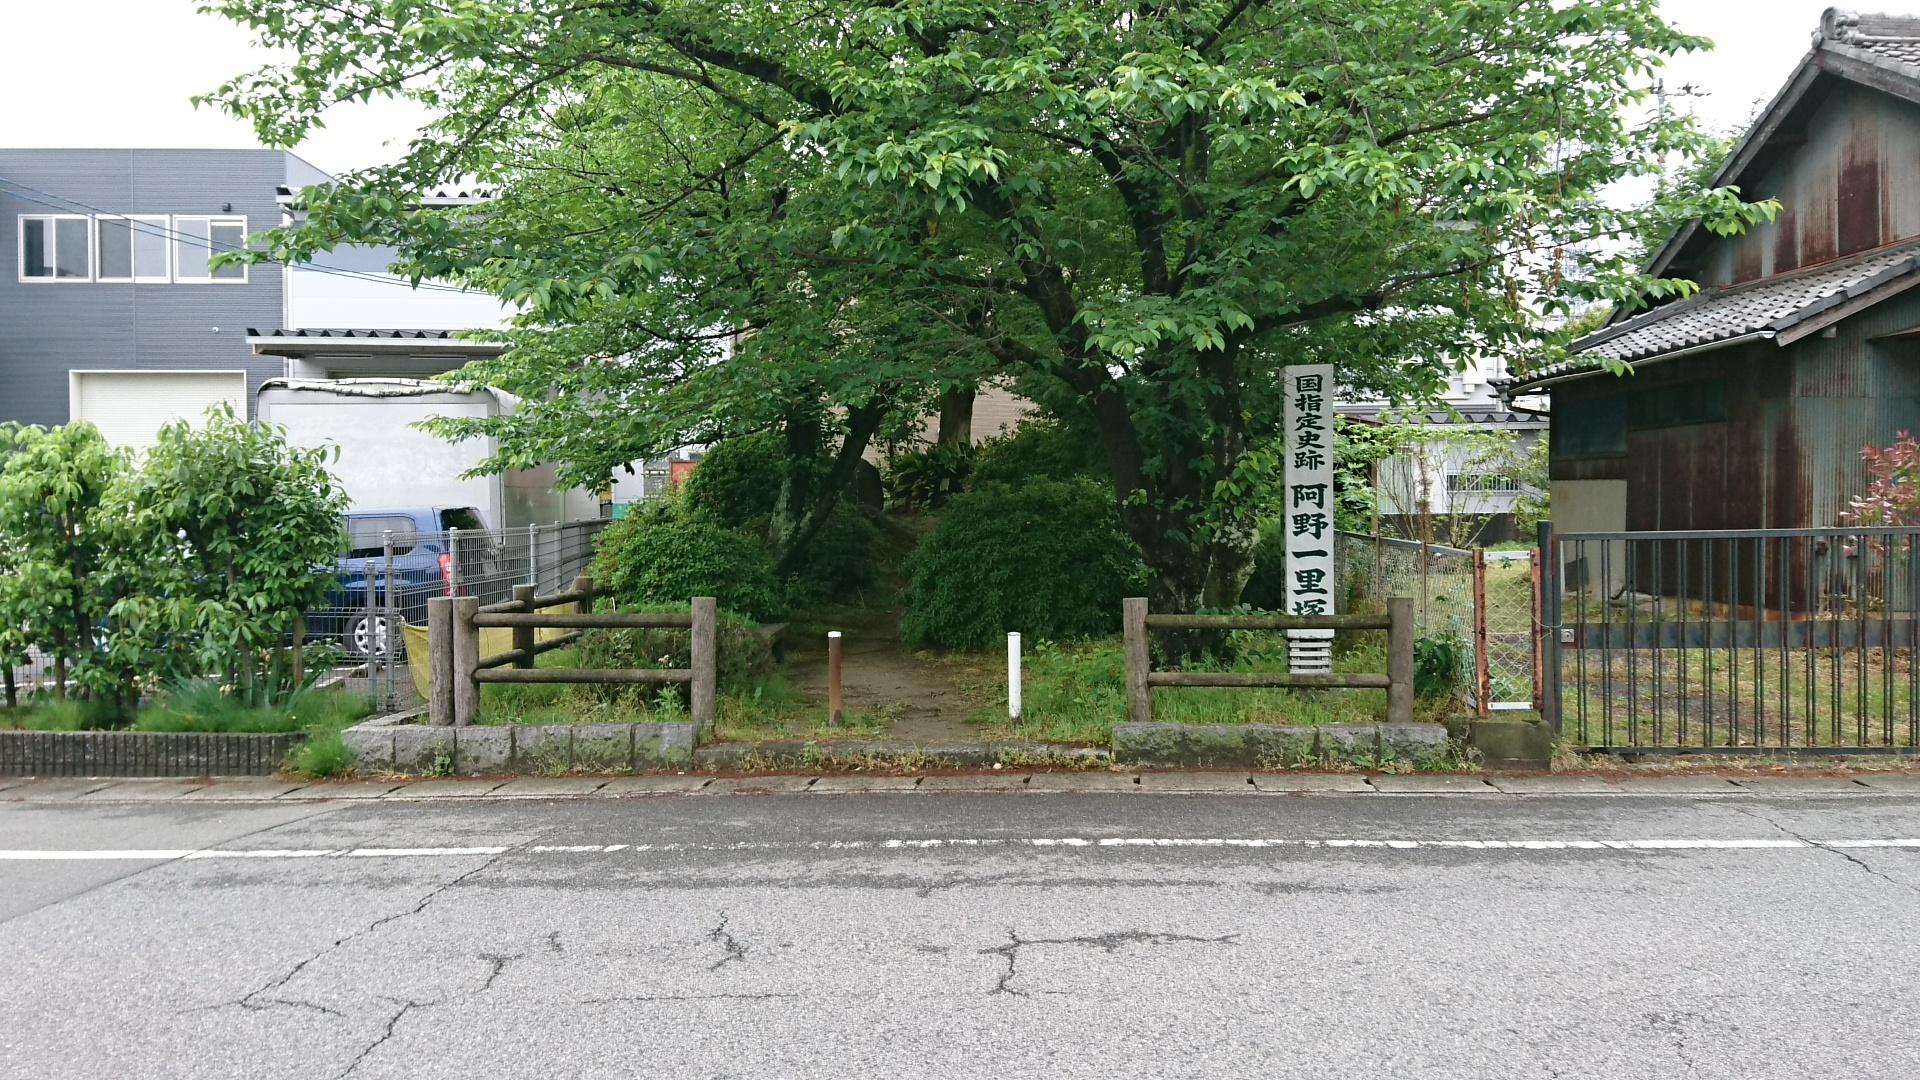 2017.5.13 阿野一里塚